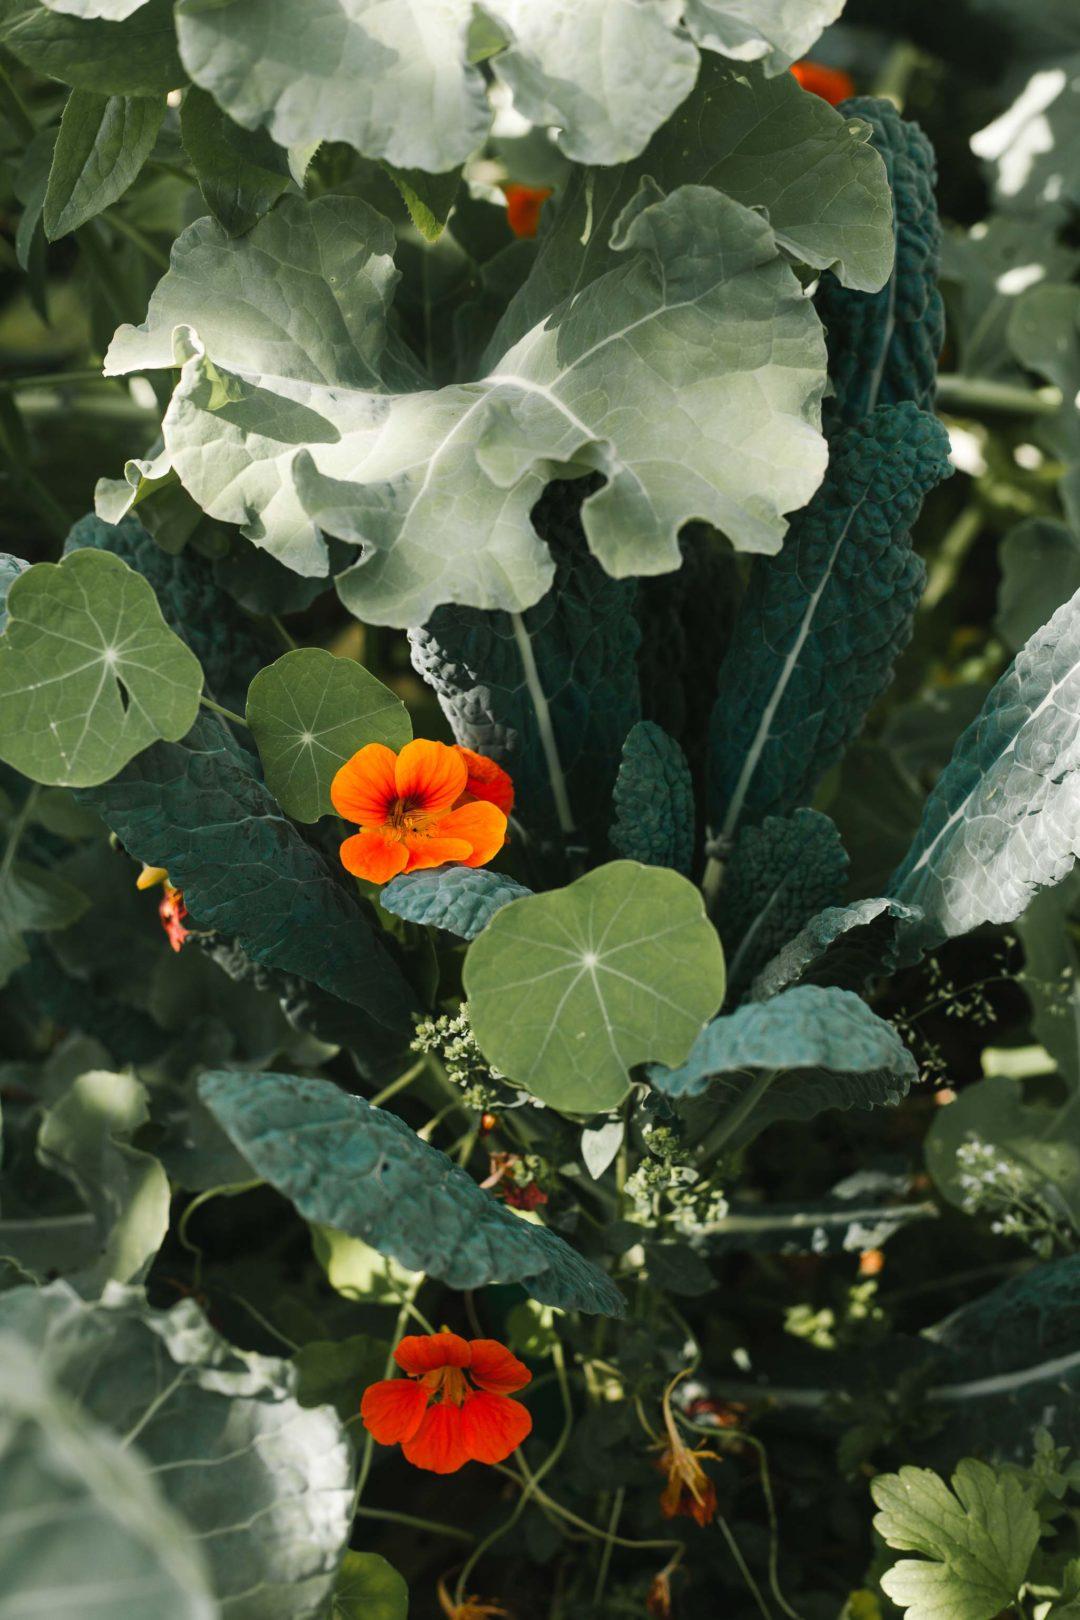 Nasturtium flowers in a garden